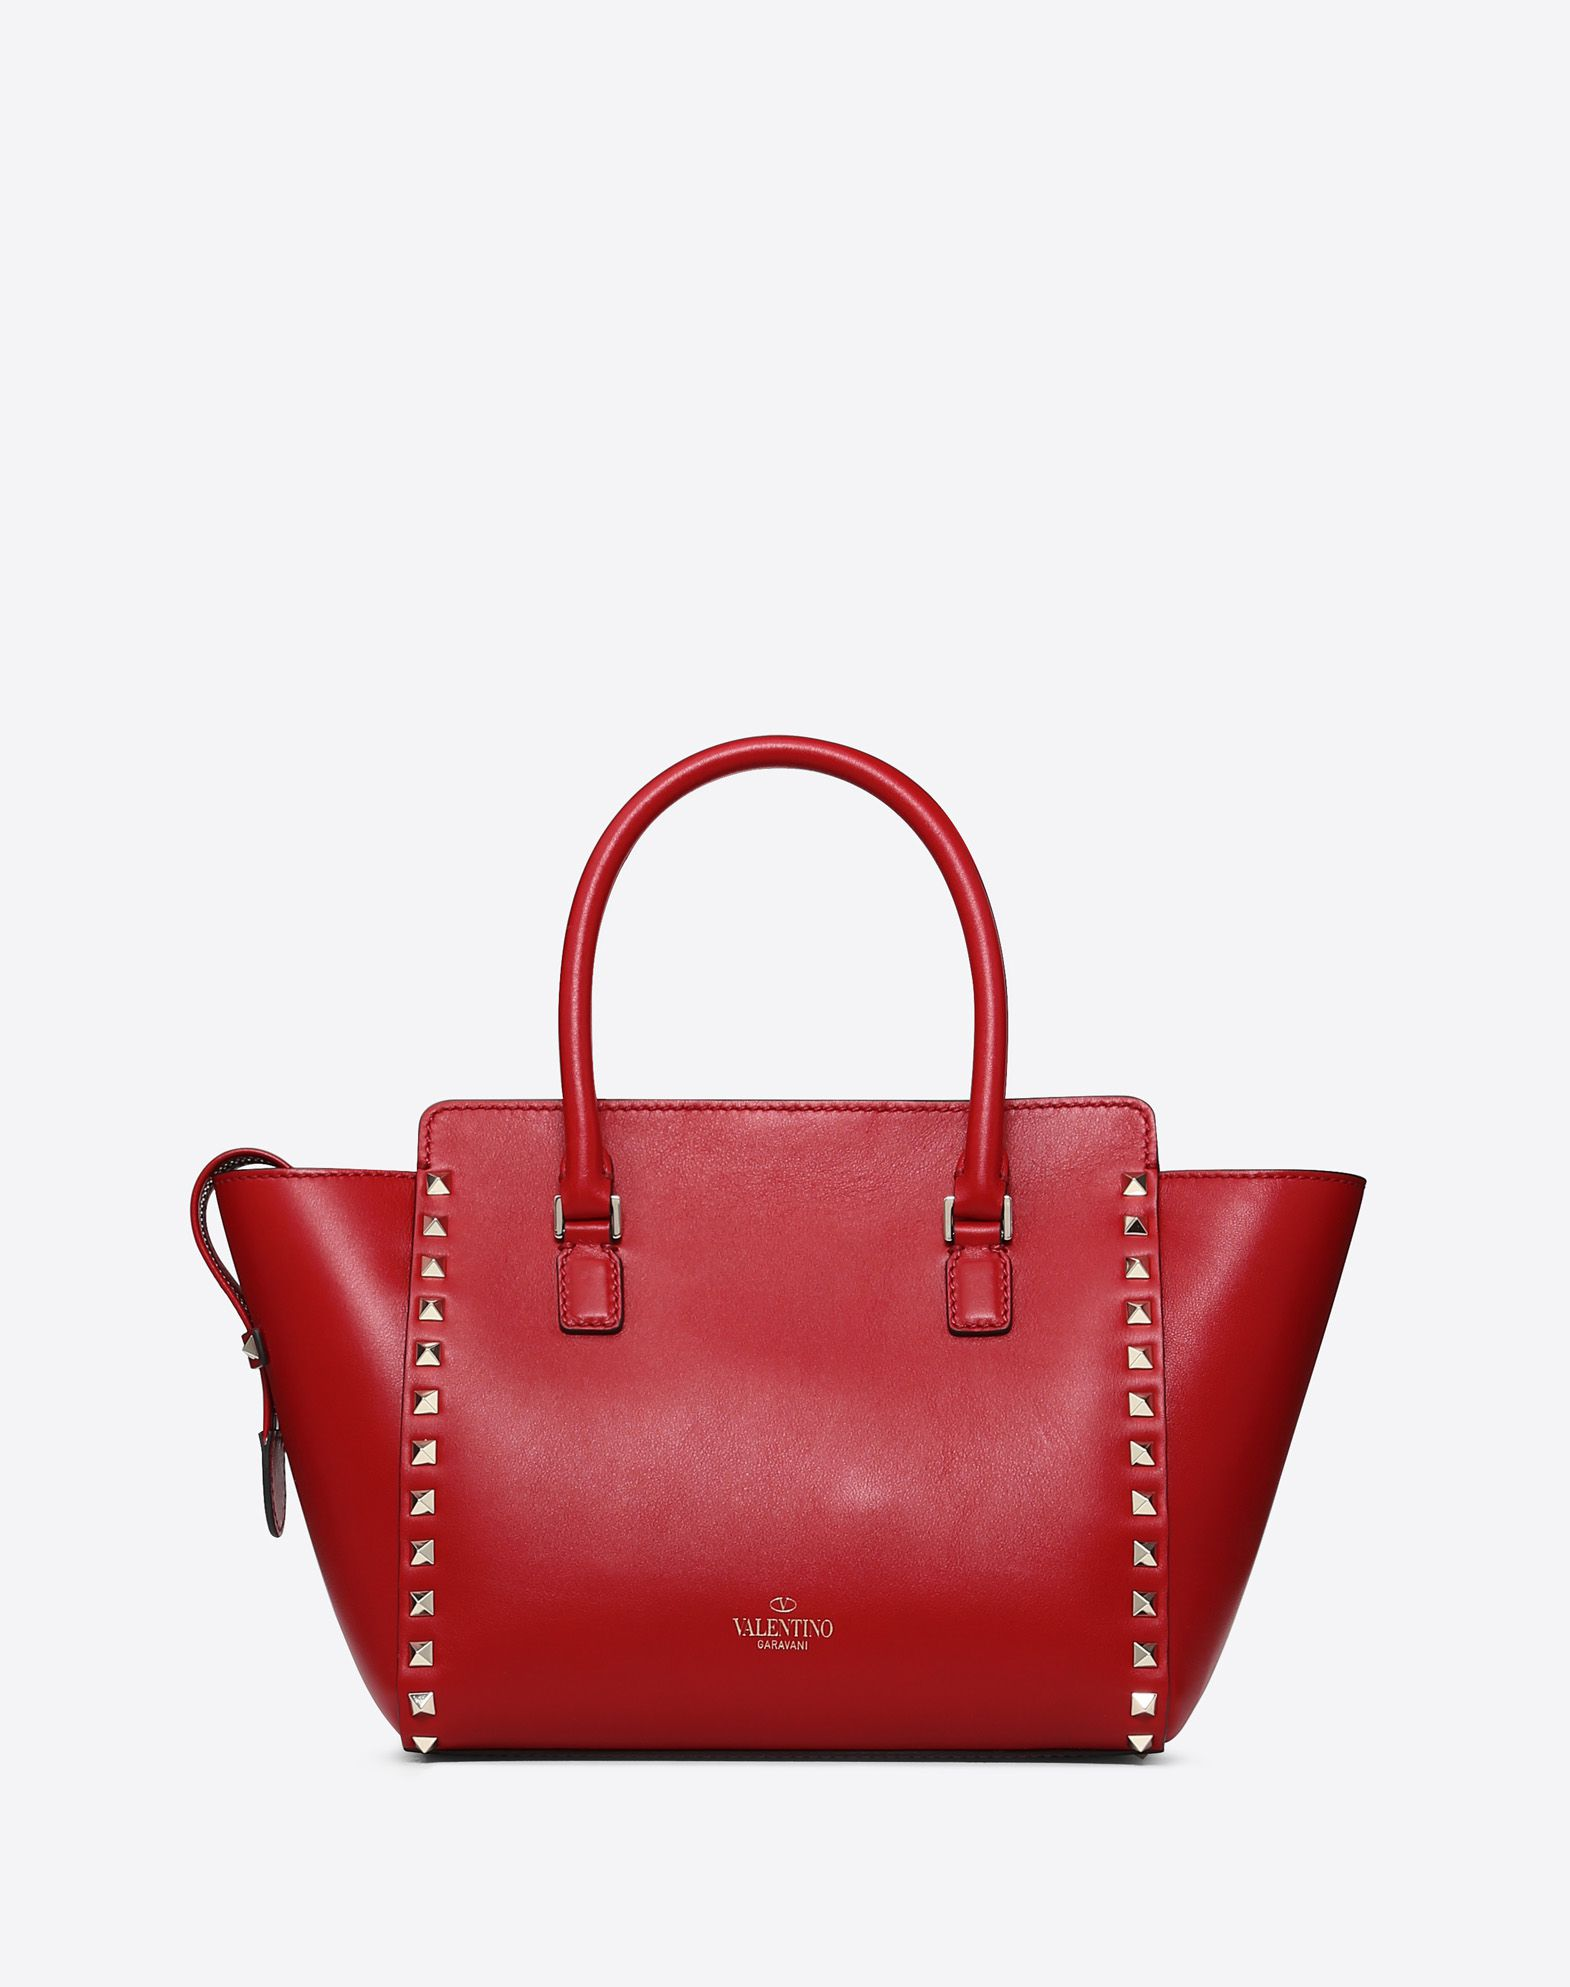 VALENTINO GARAVANI Rockstud Small Double Handle Bag HANDBAG D d